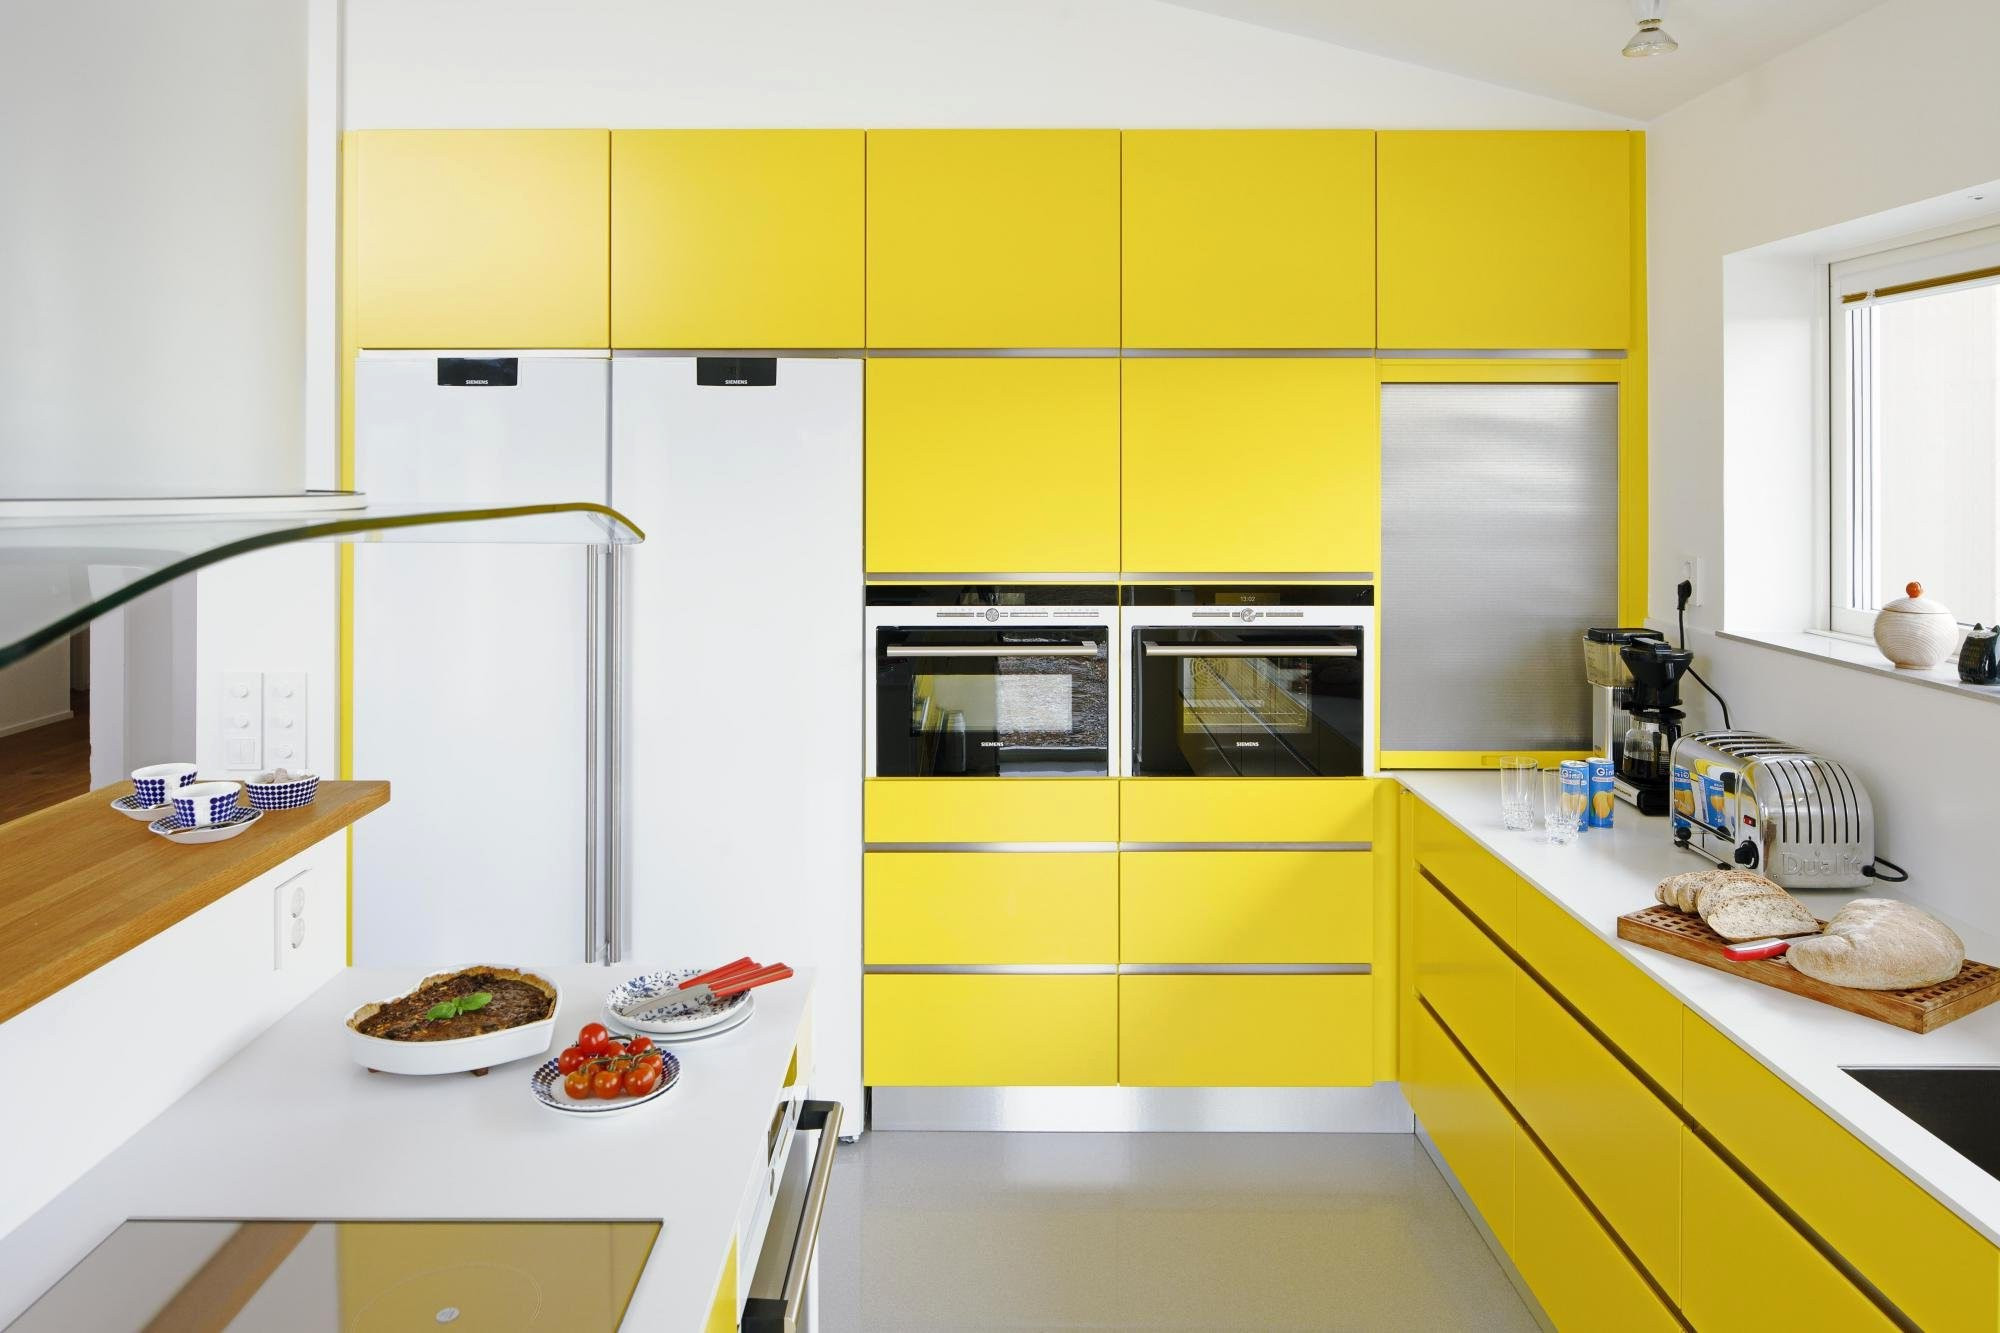 Küchenzeile Roller  19 Wunderbar Küchenzeile Roller Rest Style